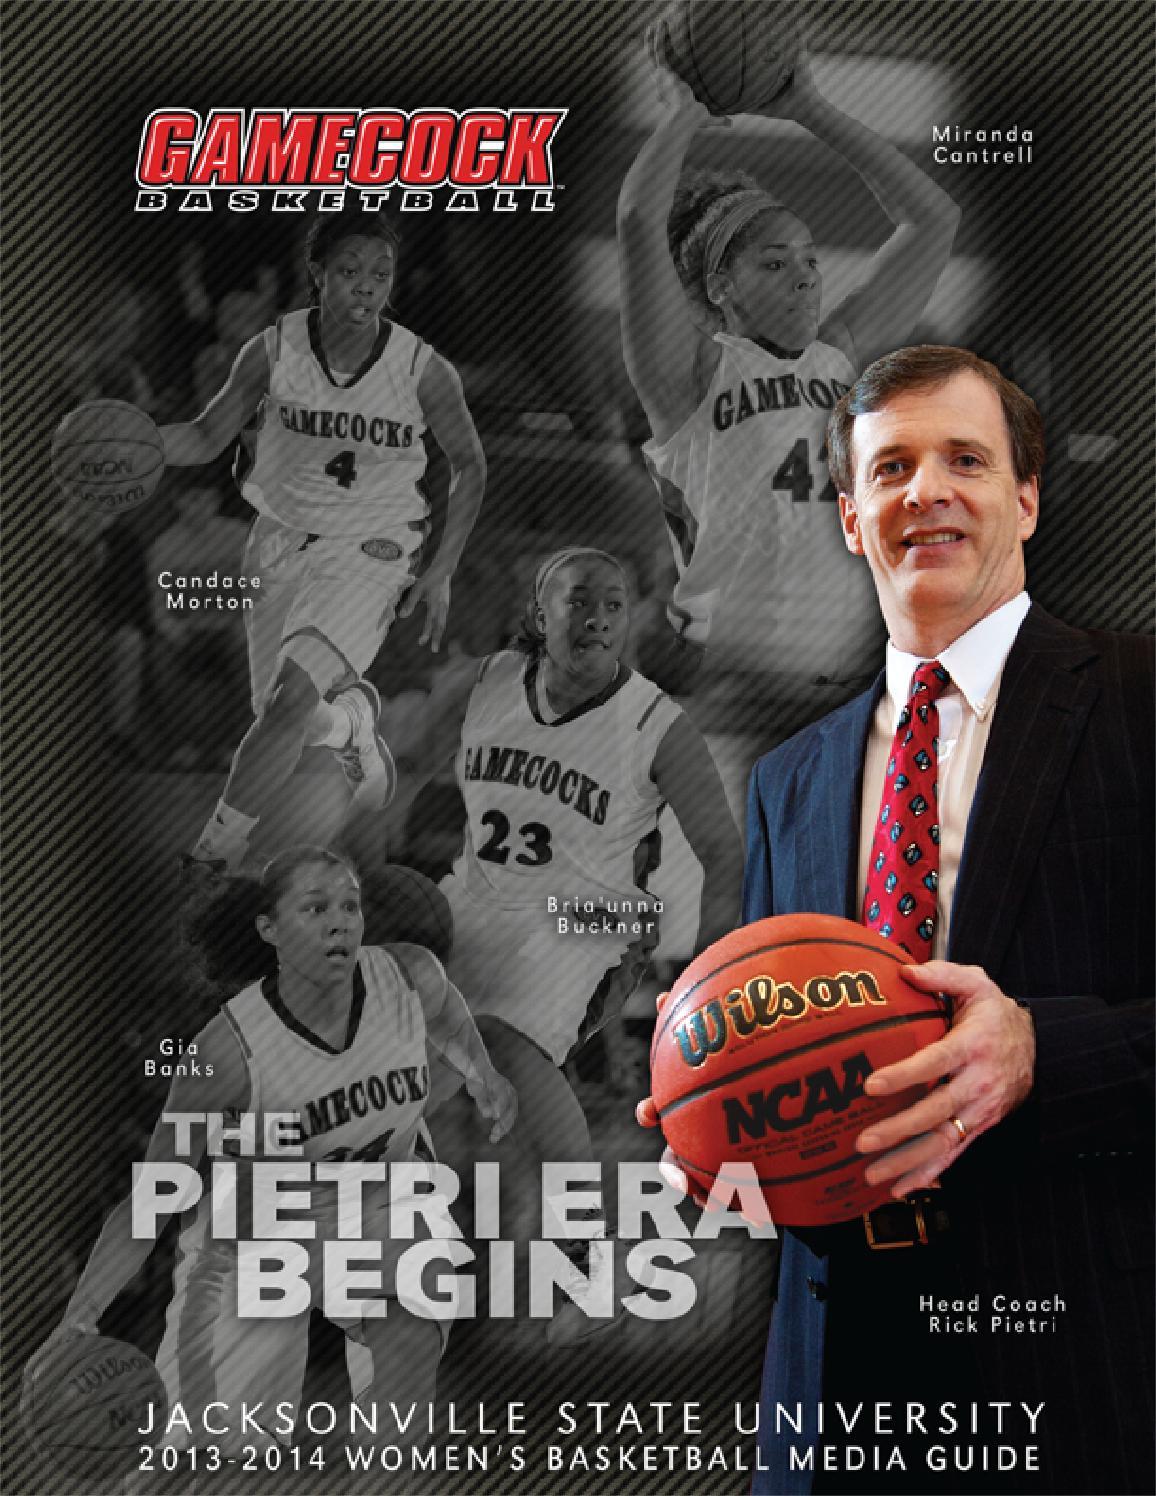 2013-14 Jacksonville State Women's Basketball Media Guide